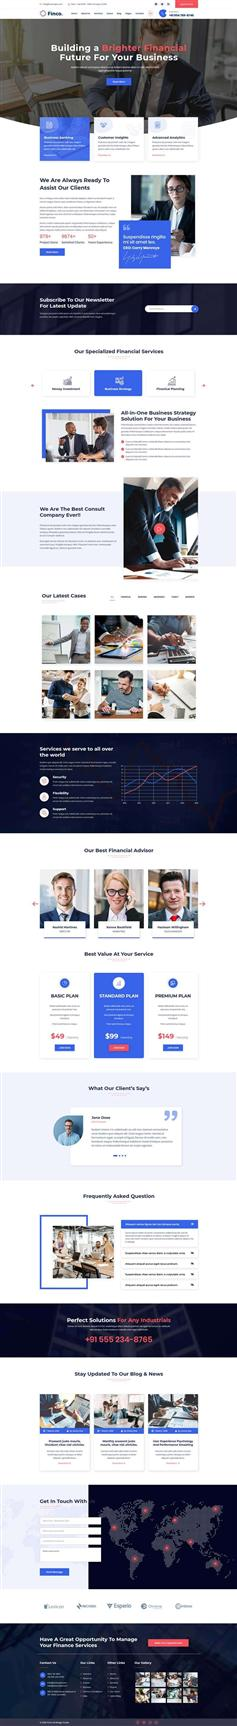 金融投资咨询类企业网站前端模板